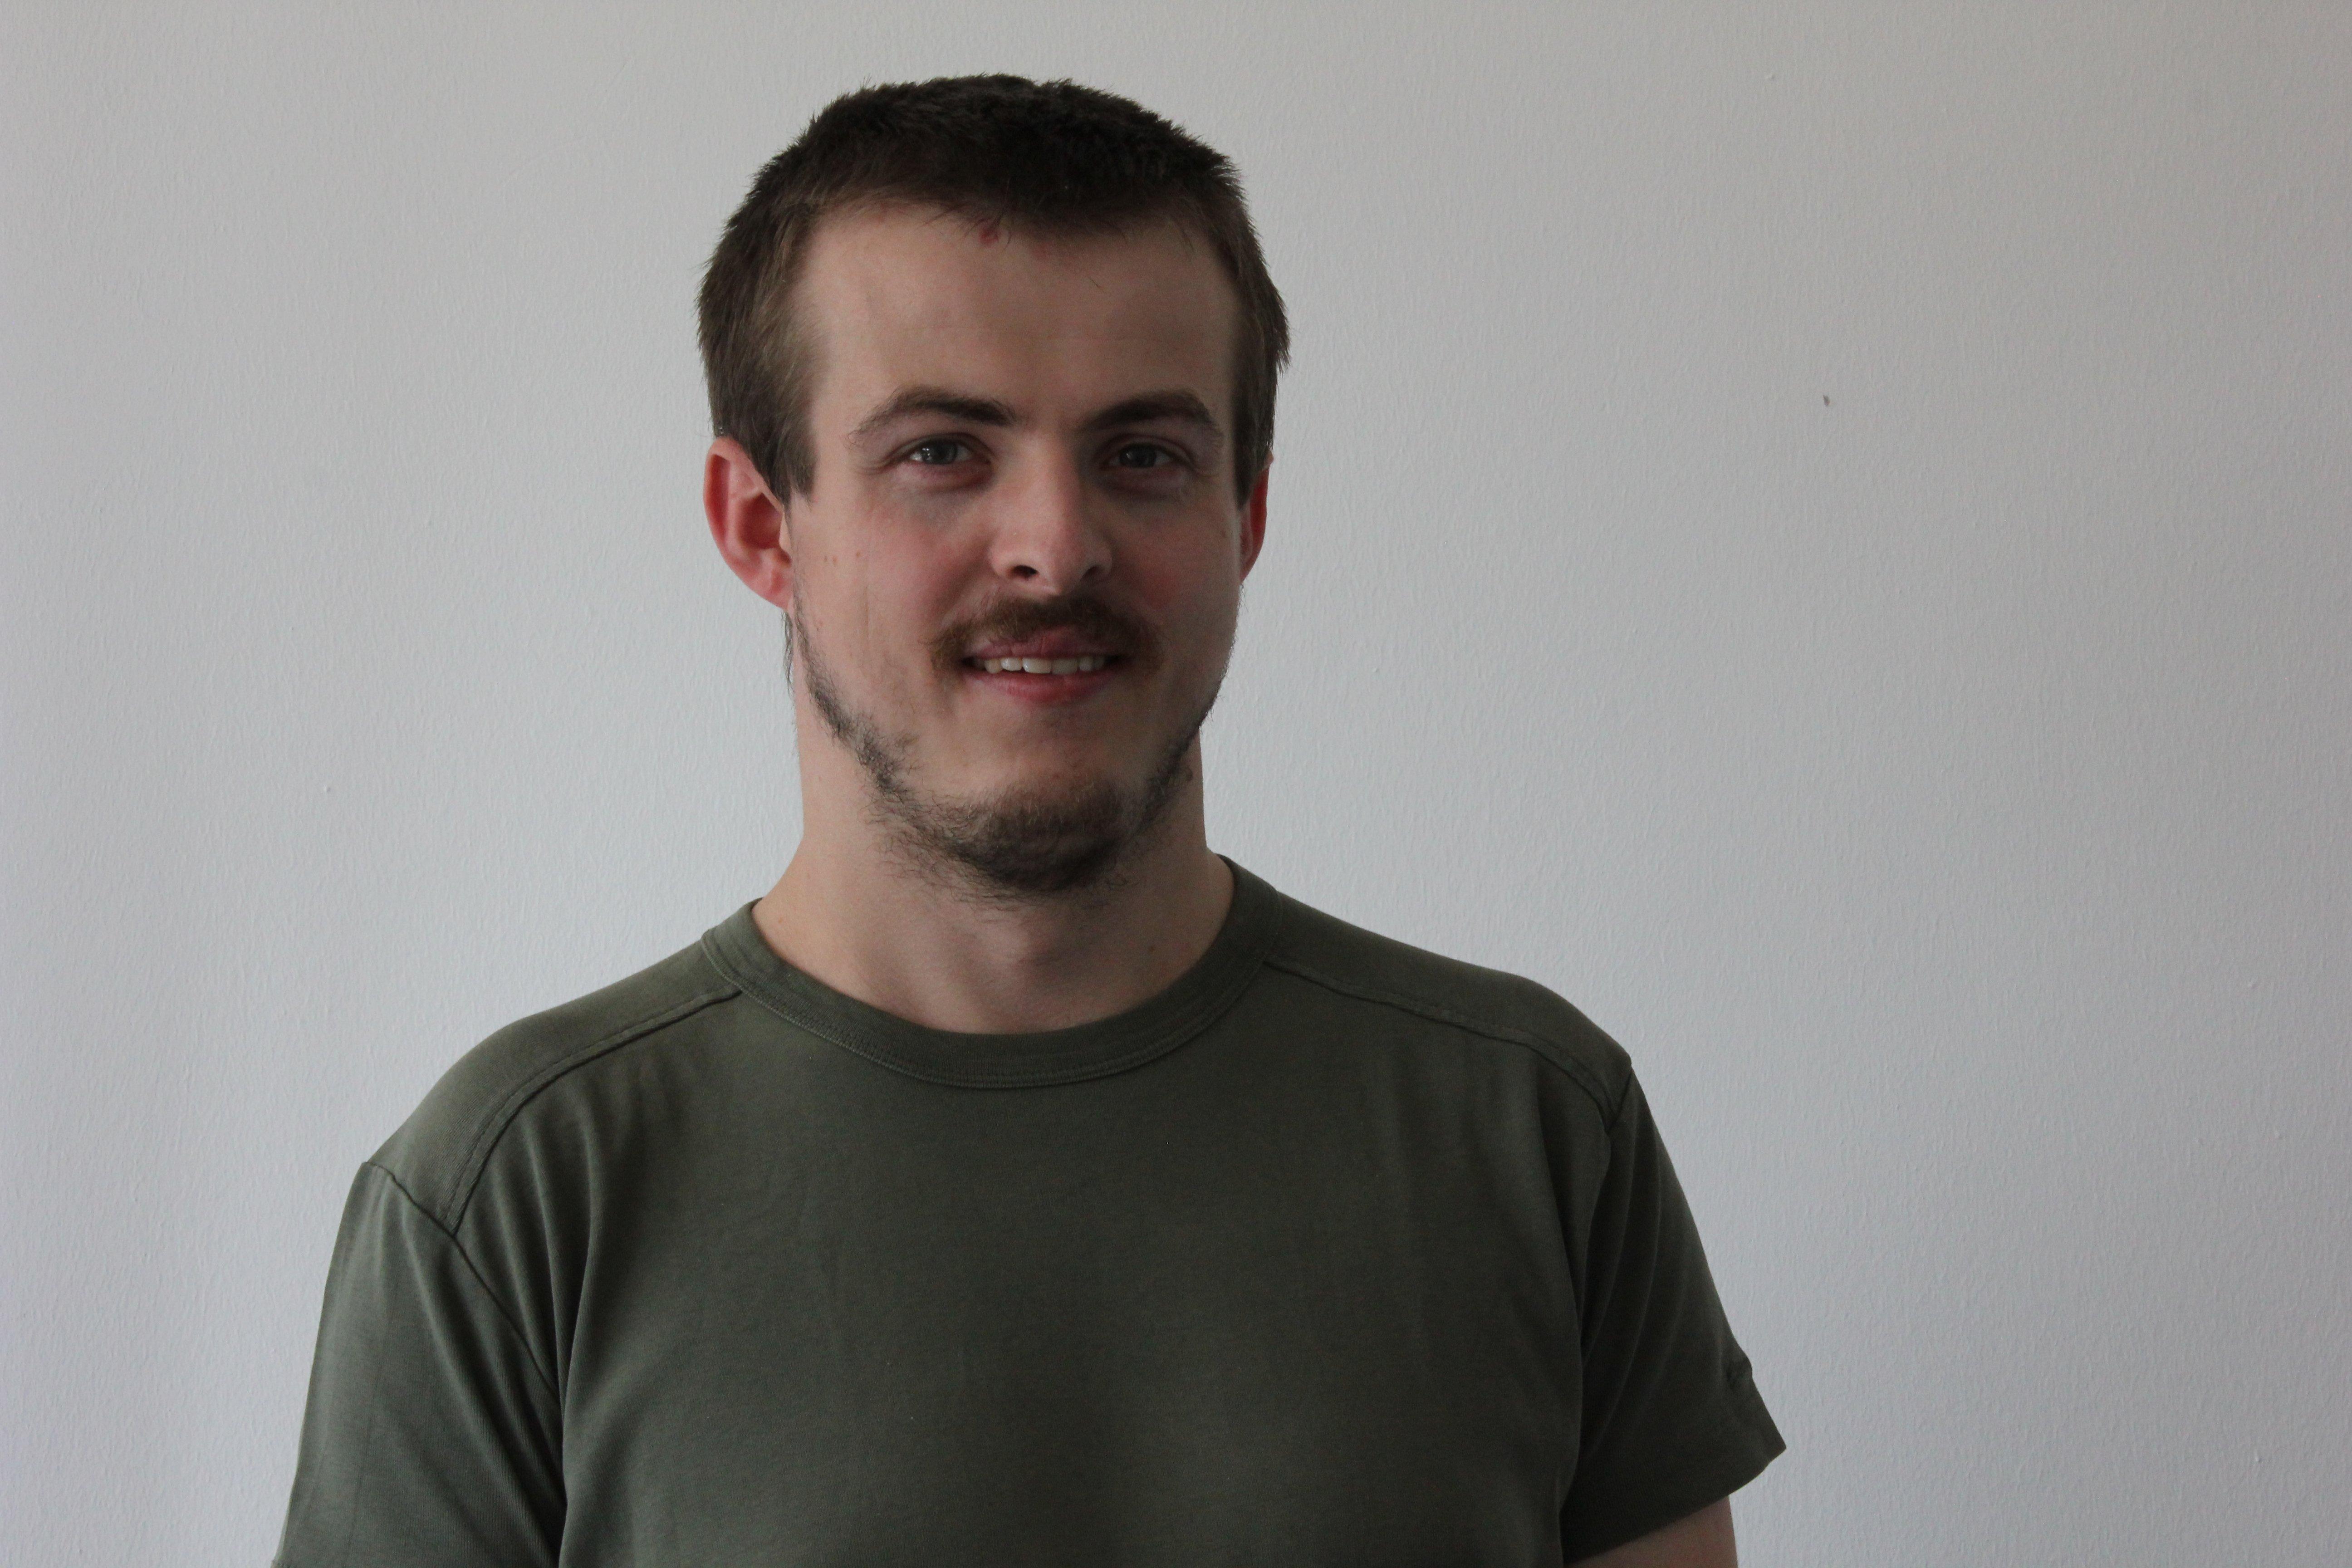 Alexander Wrusch